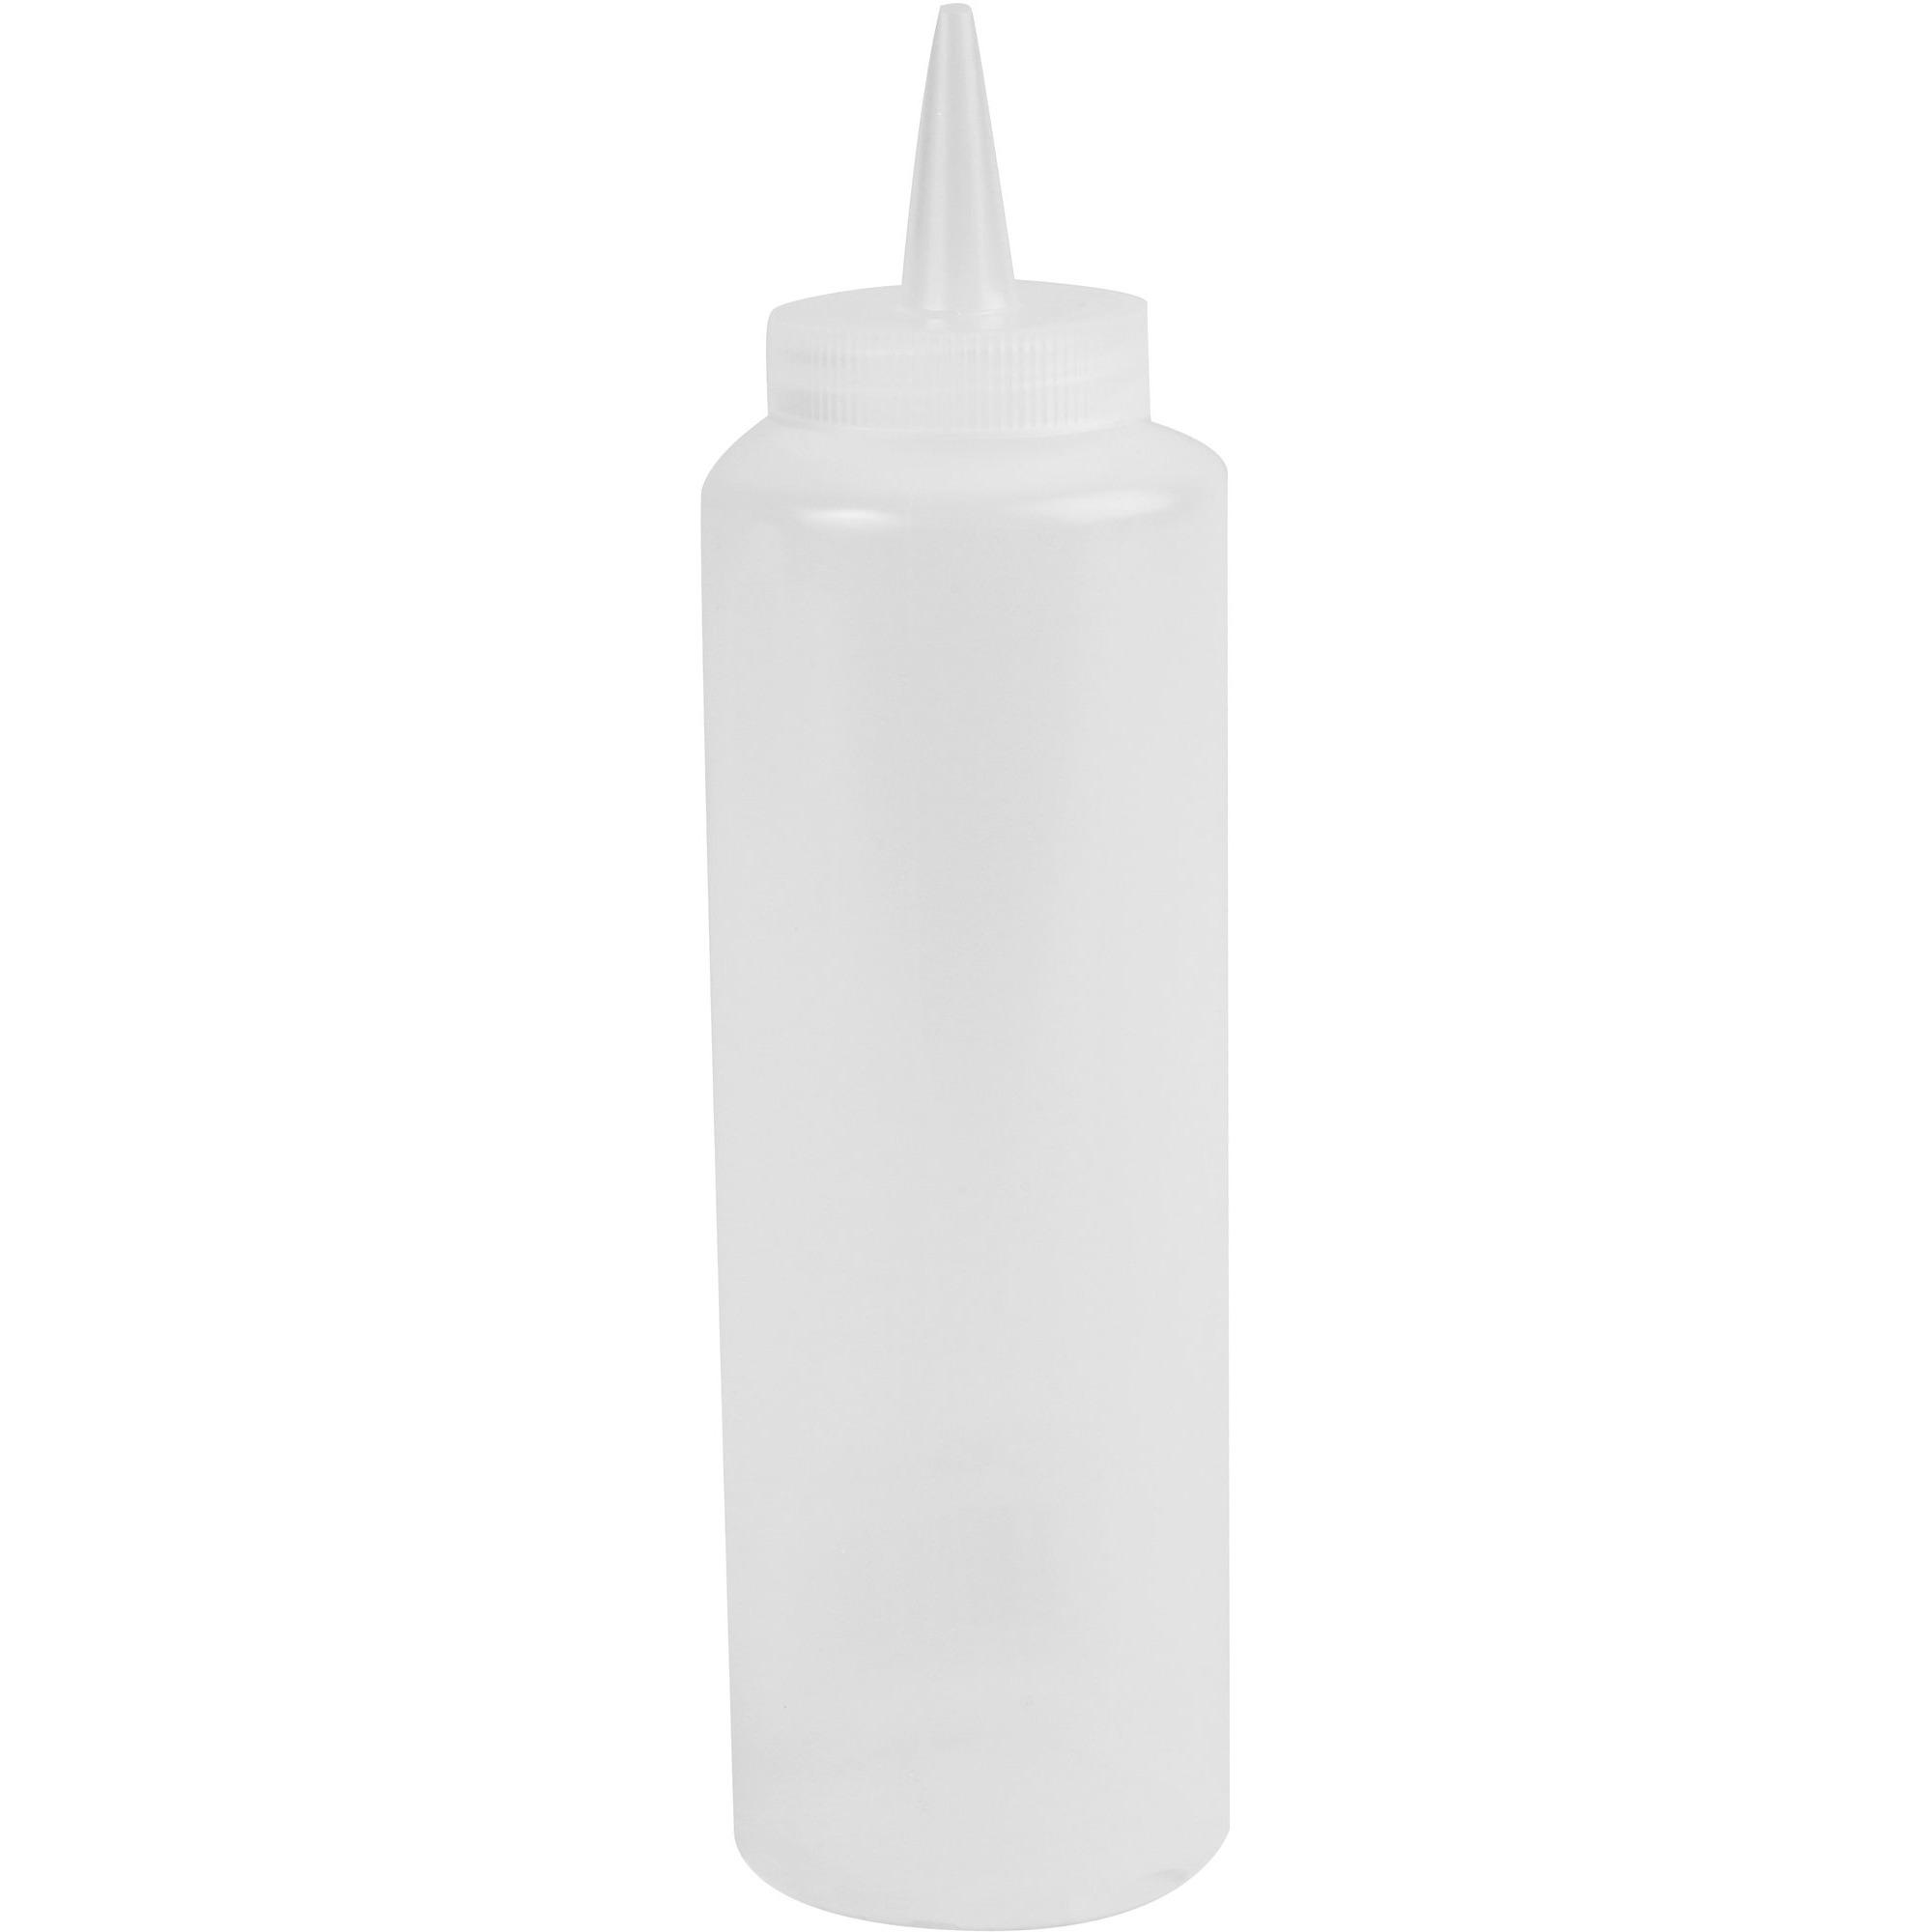 Bilde av Bbm Plastflaske Med Skrukork 0,34 Liter